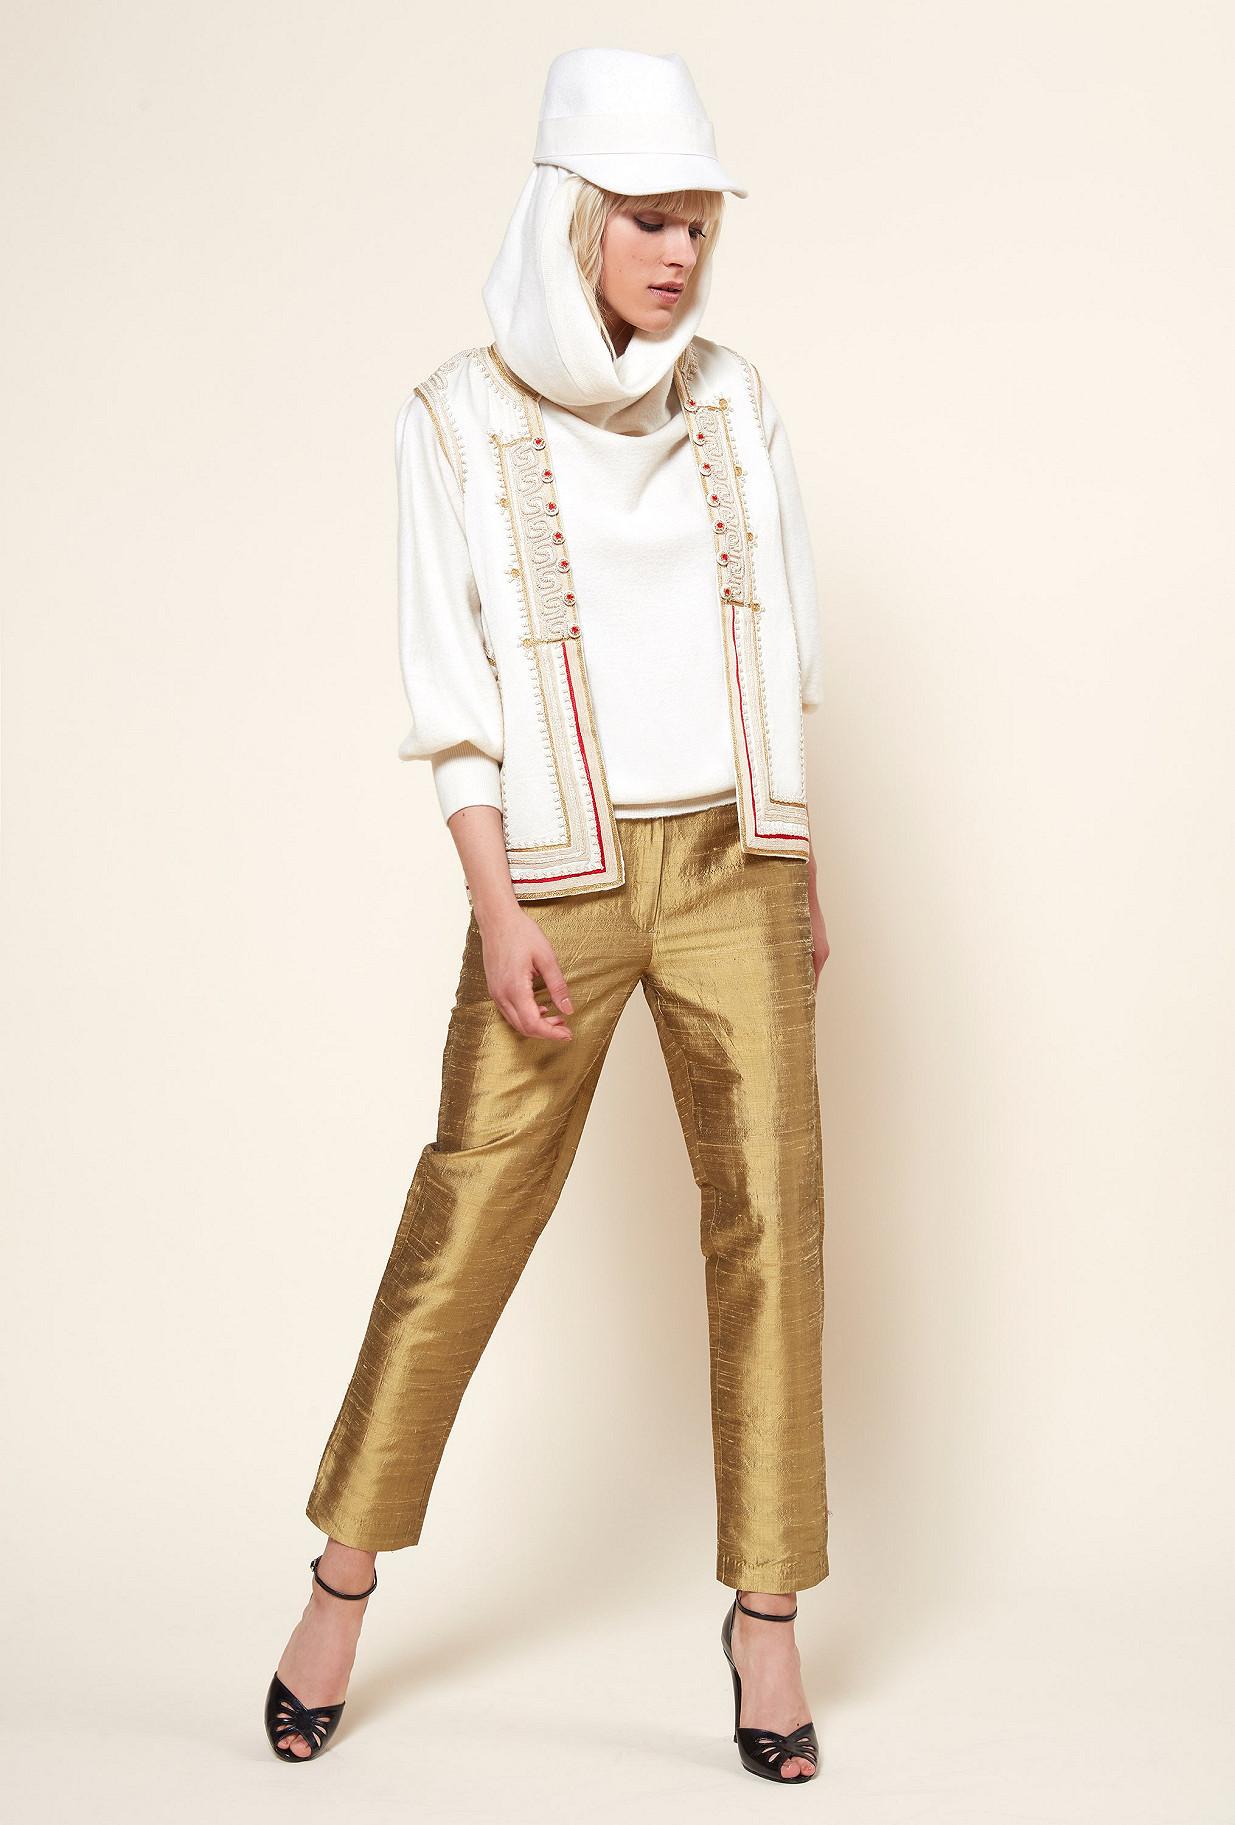 Ecru  JACKET  Anastasia Mes demoiselles fashion clothes designer Paris